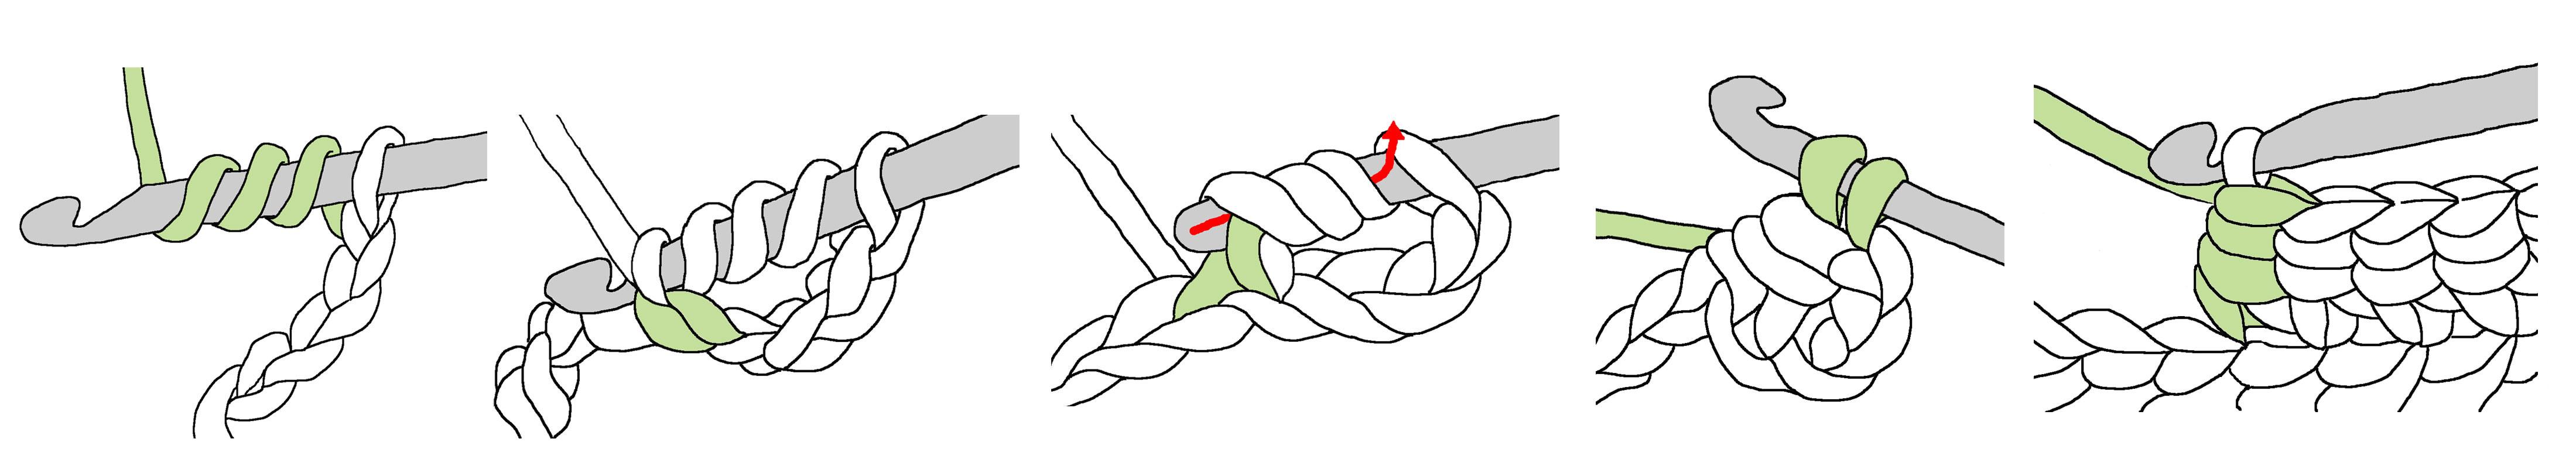 Novel Stitches Renate Kirkpatricks Freeform Crochetknitfibre